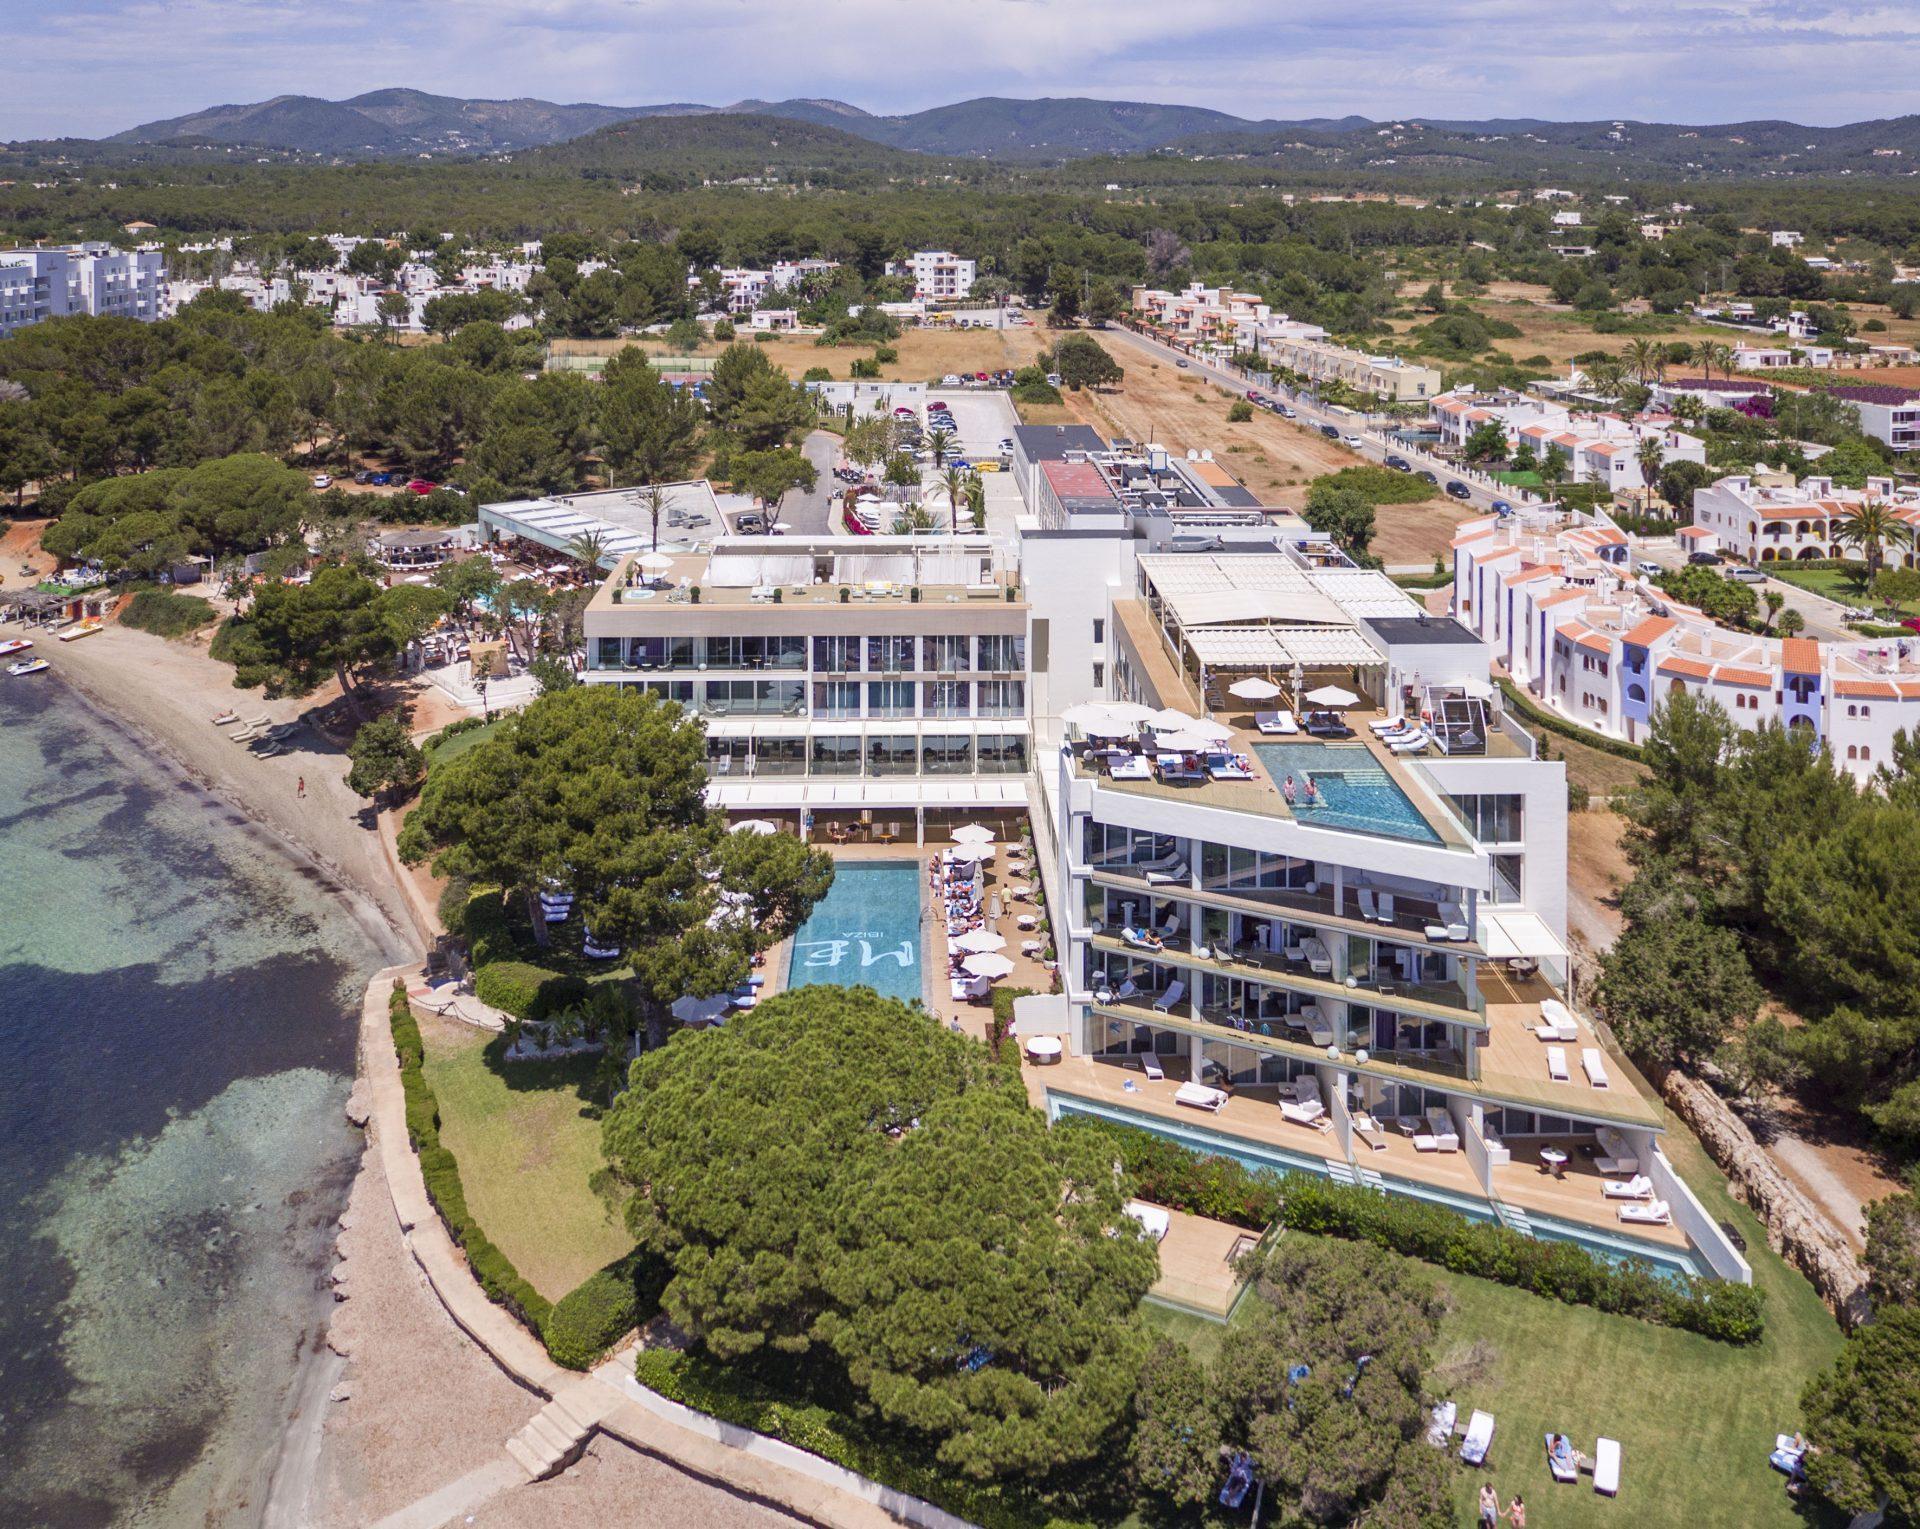 002ME Ibiza General Aerial